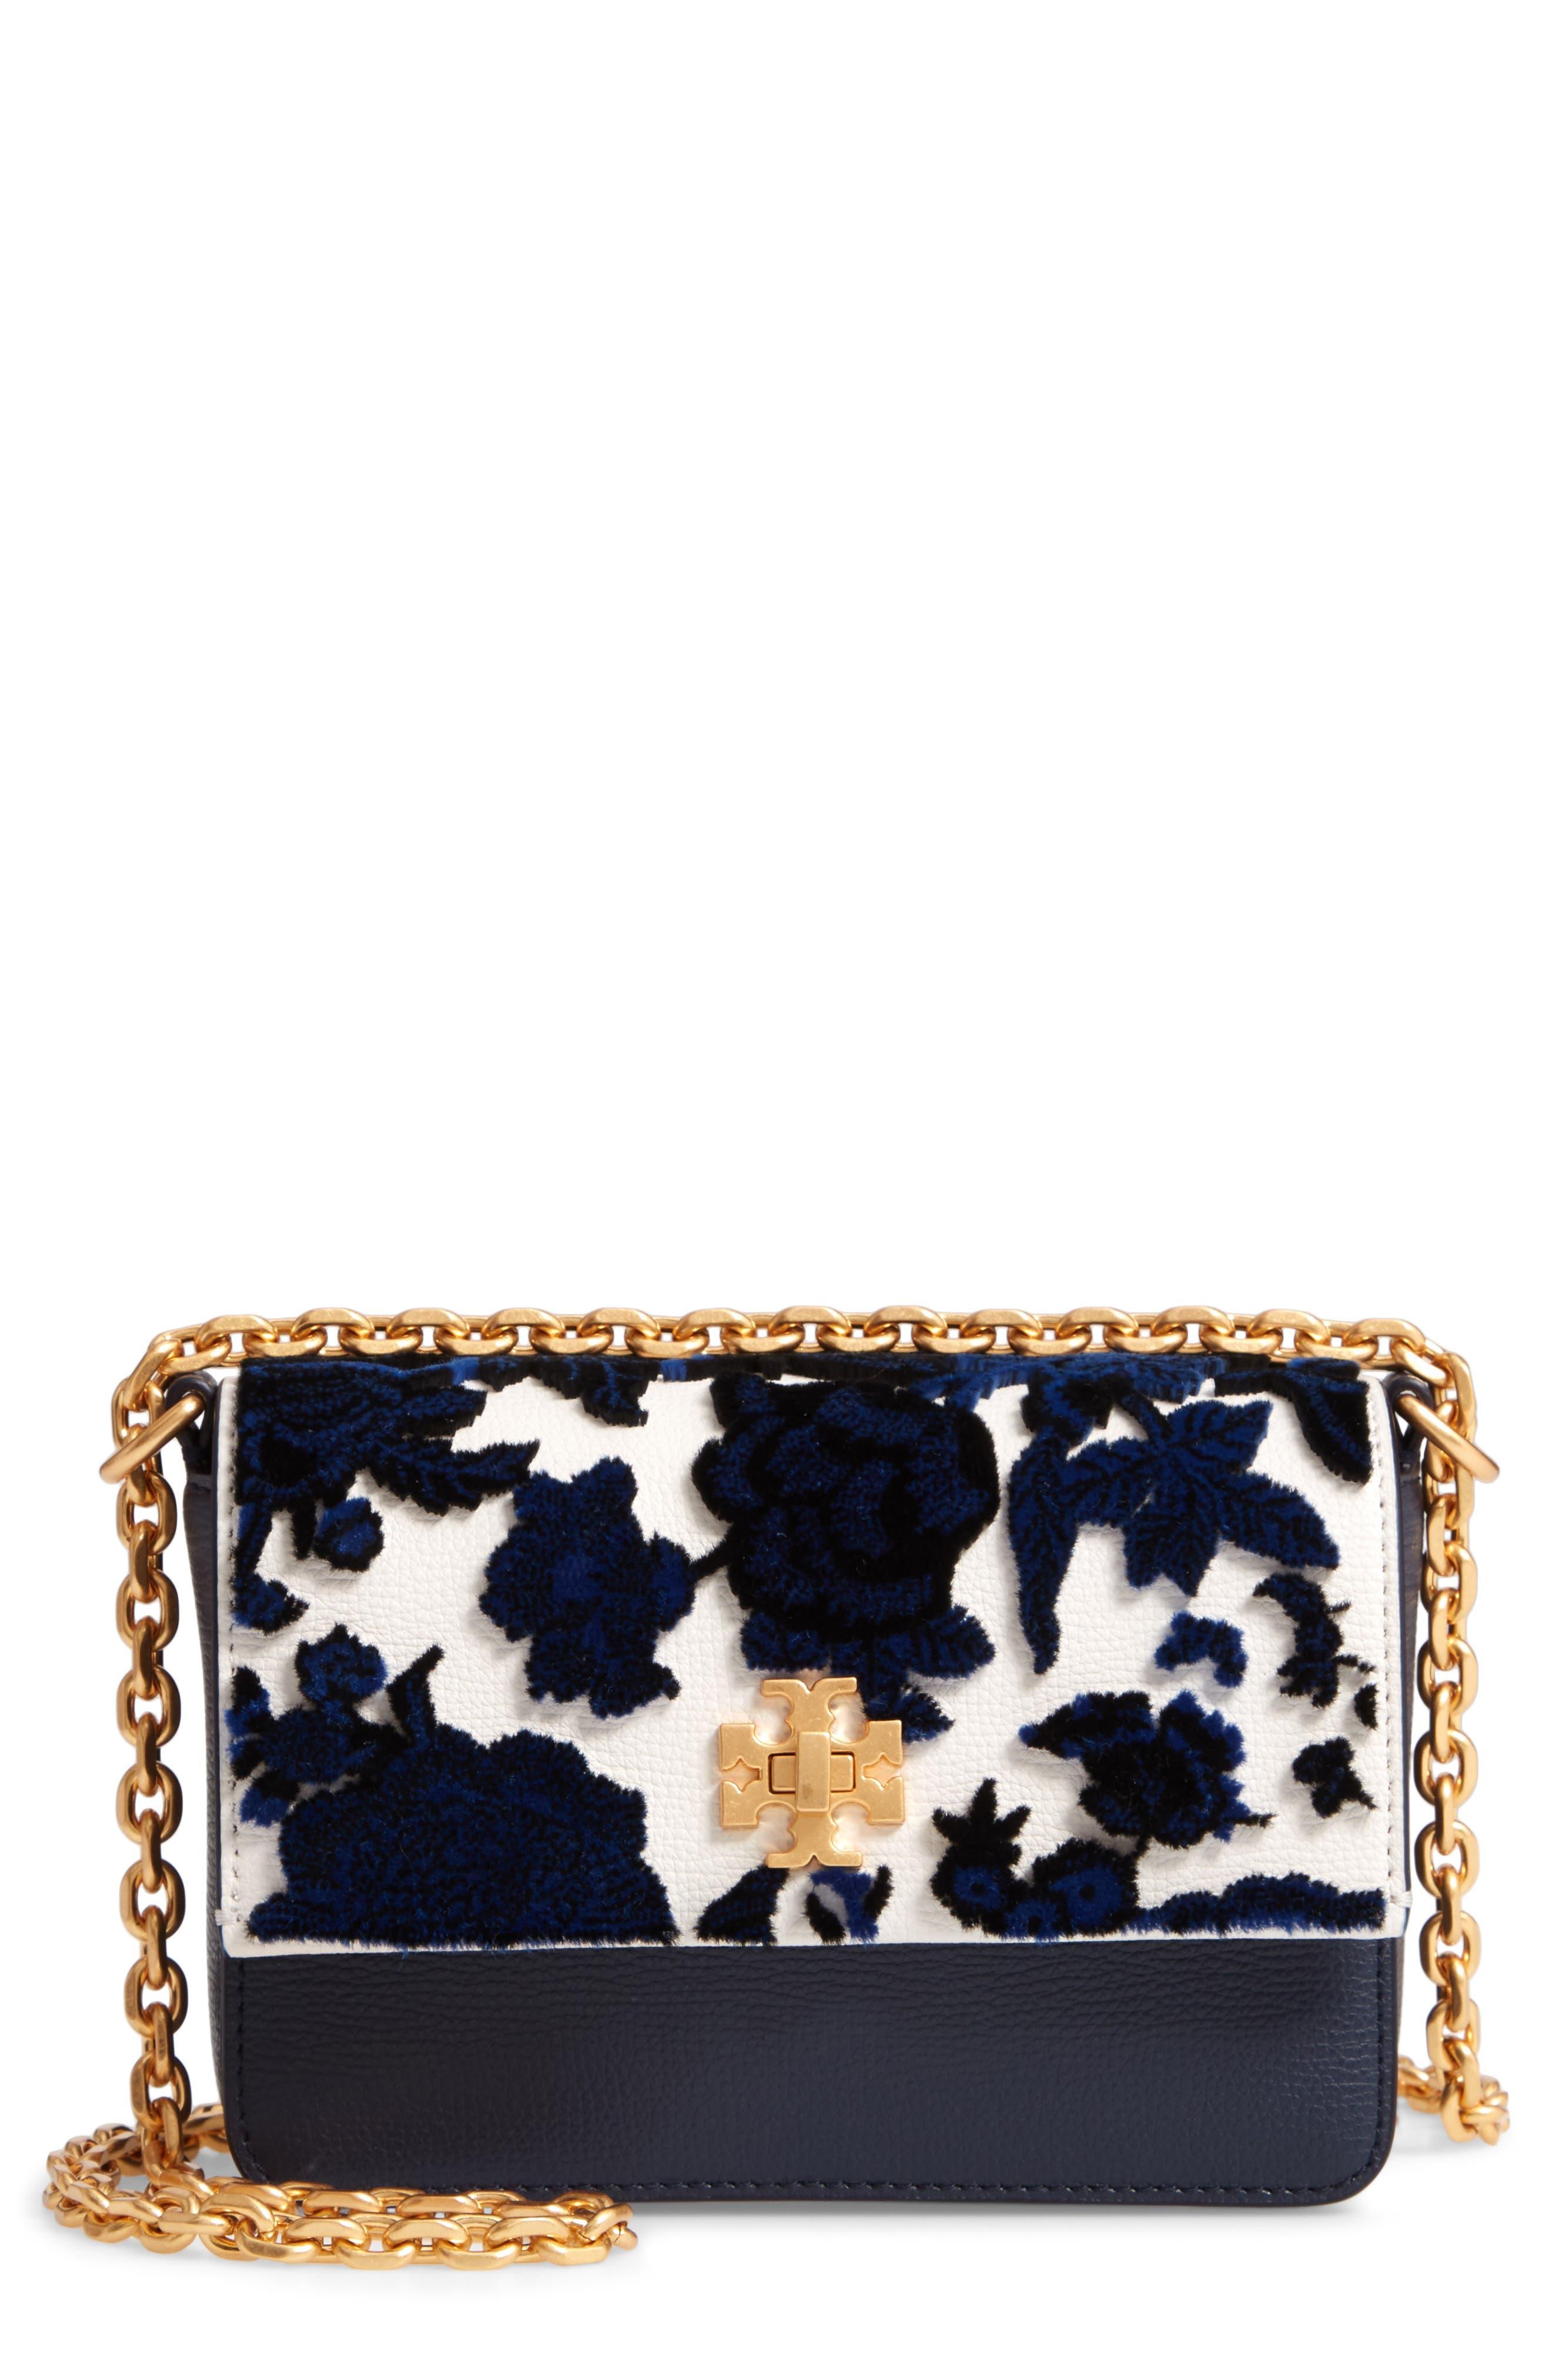 Mini Kira Leather & Fil Coupé Bag,                             Main thumbnail 1, color,                             NEUTRAL HAPPY TIMES